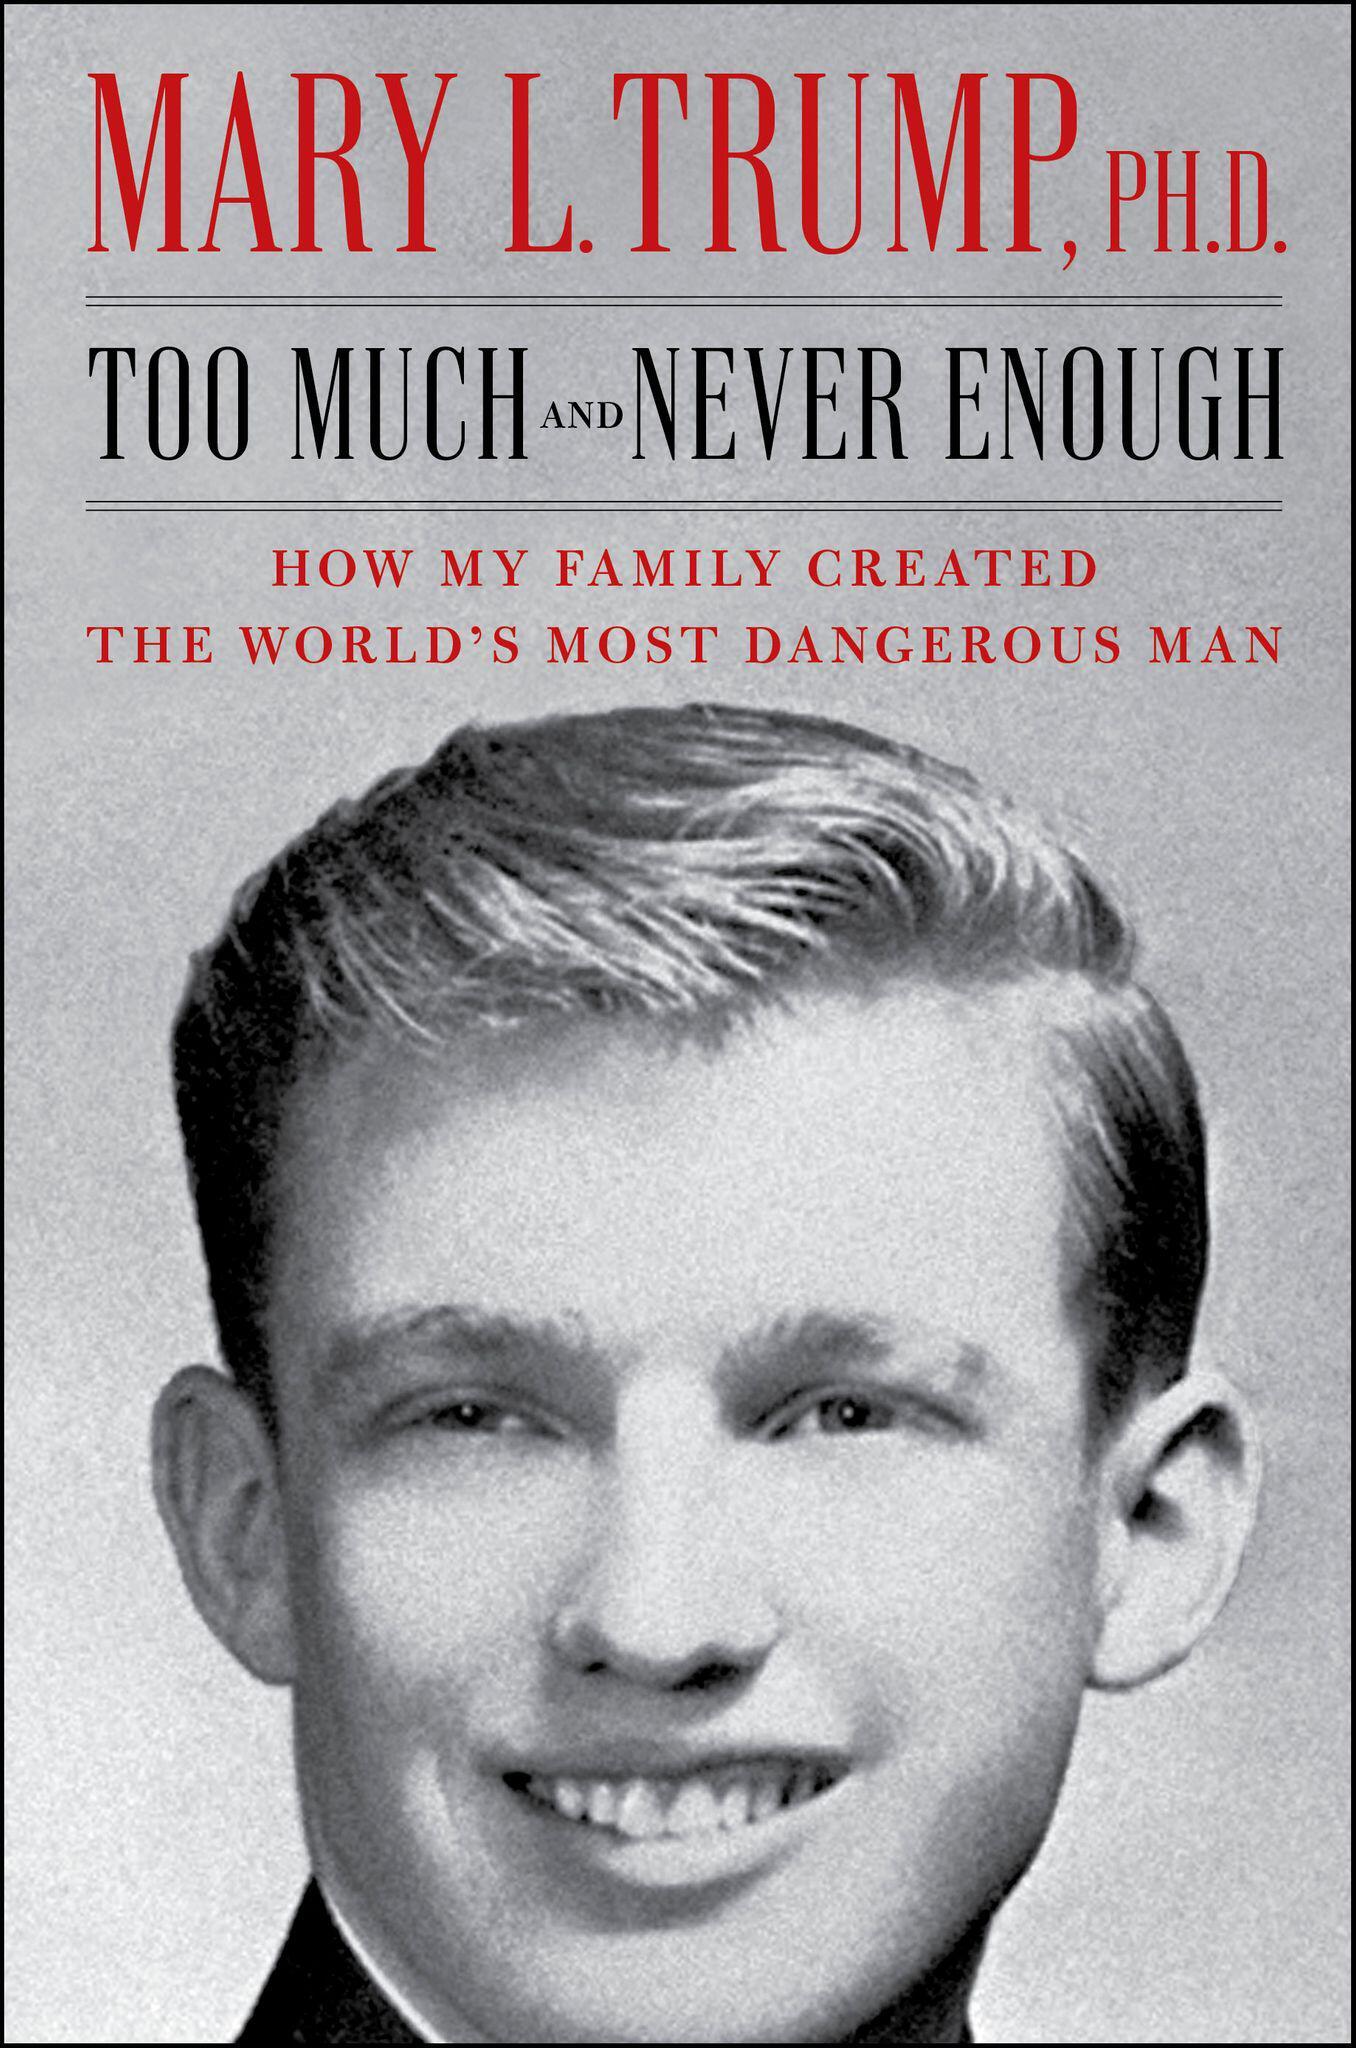 Bild zu Enthüllungsbuch von Trump-Nichte